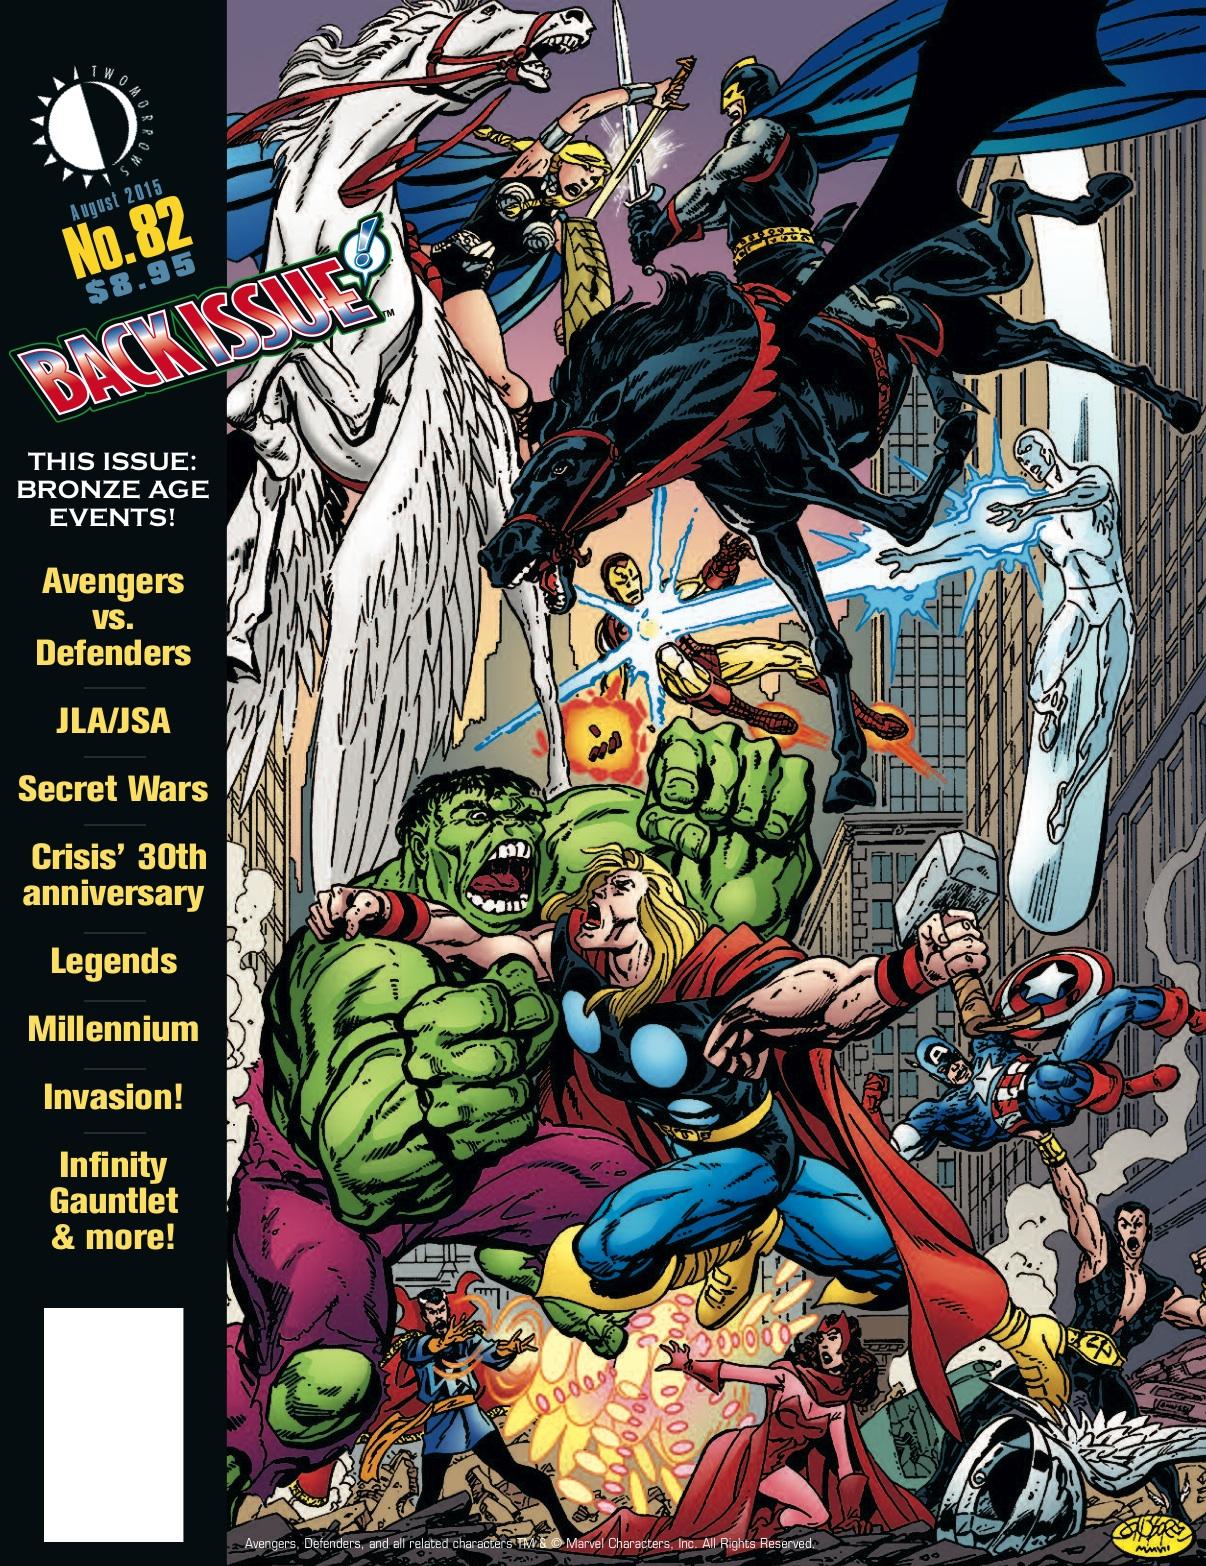 BI #82 cover